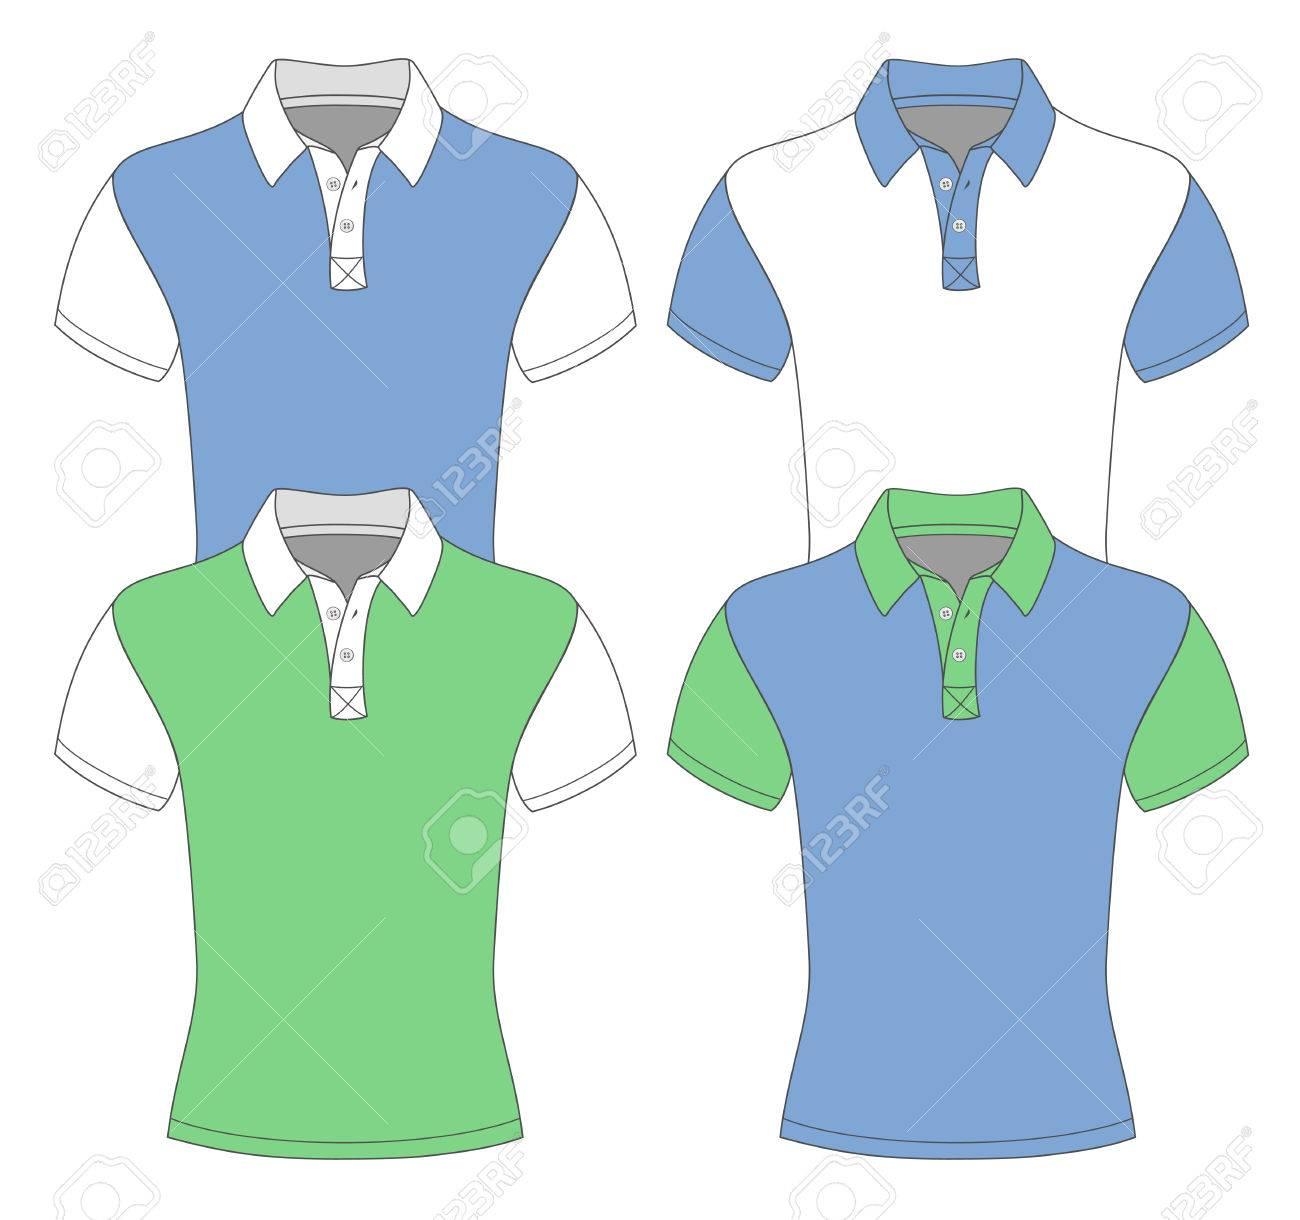 Polo shirt design vector - Men S Short Sleeve Polo Shirt Design Templates Stock Vector 26038676